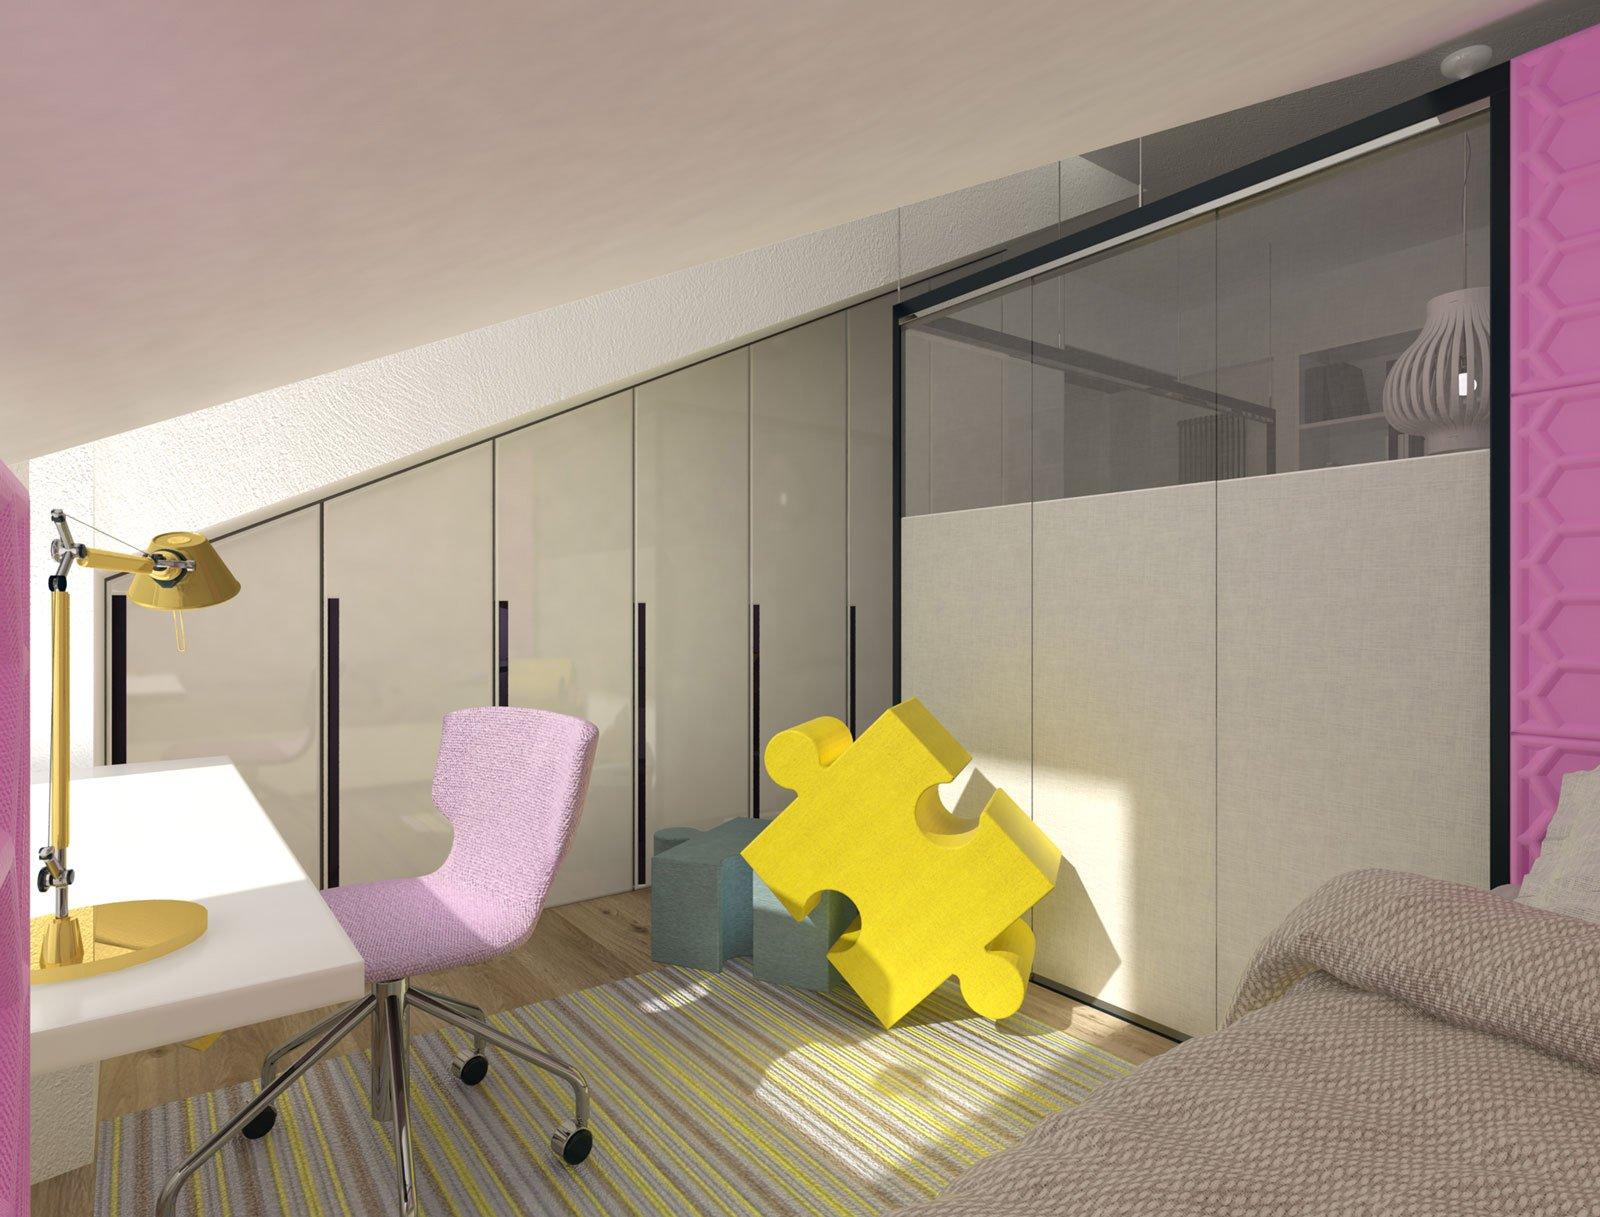 Pannelli Decorativi Per Camerette ricavare la cameretta nella camera matrimoniale - cose di casa